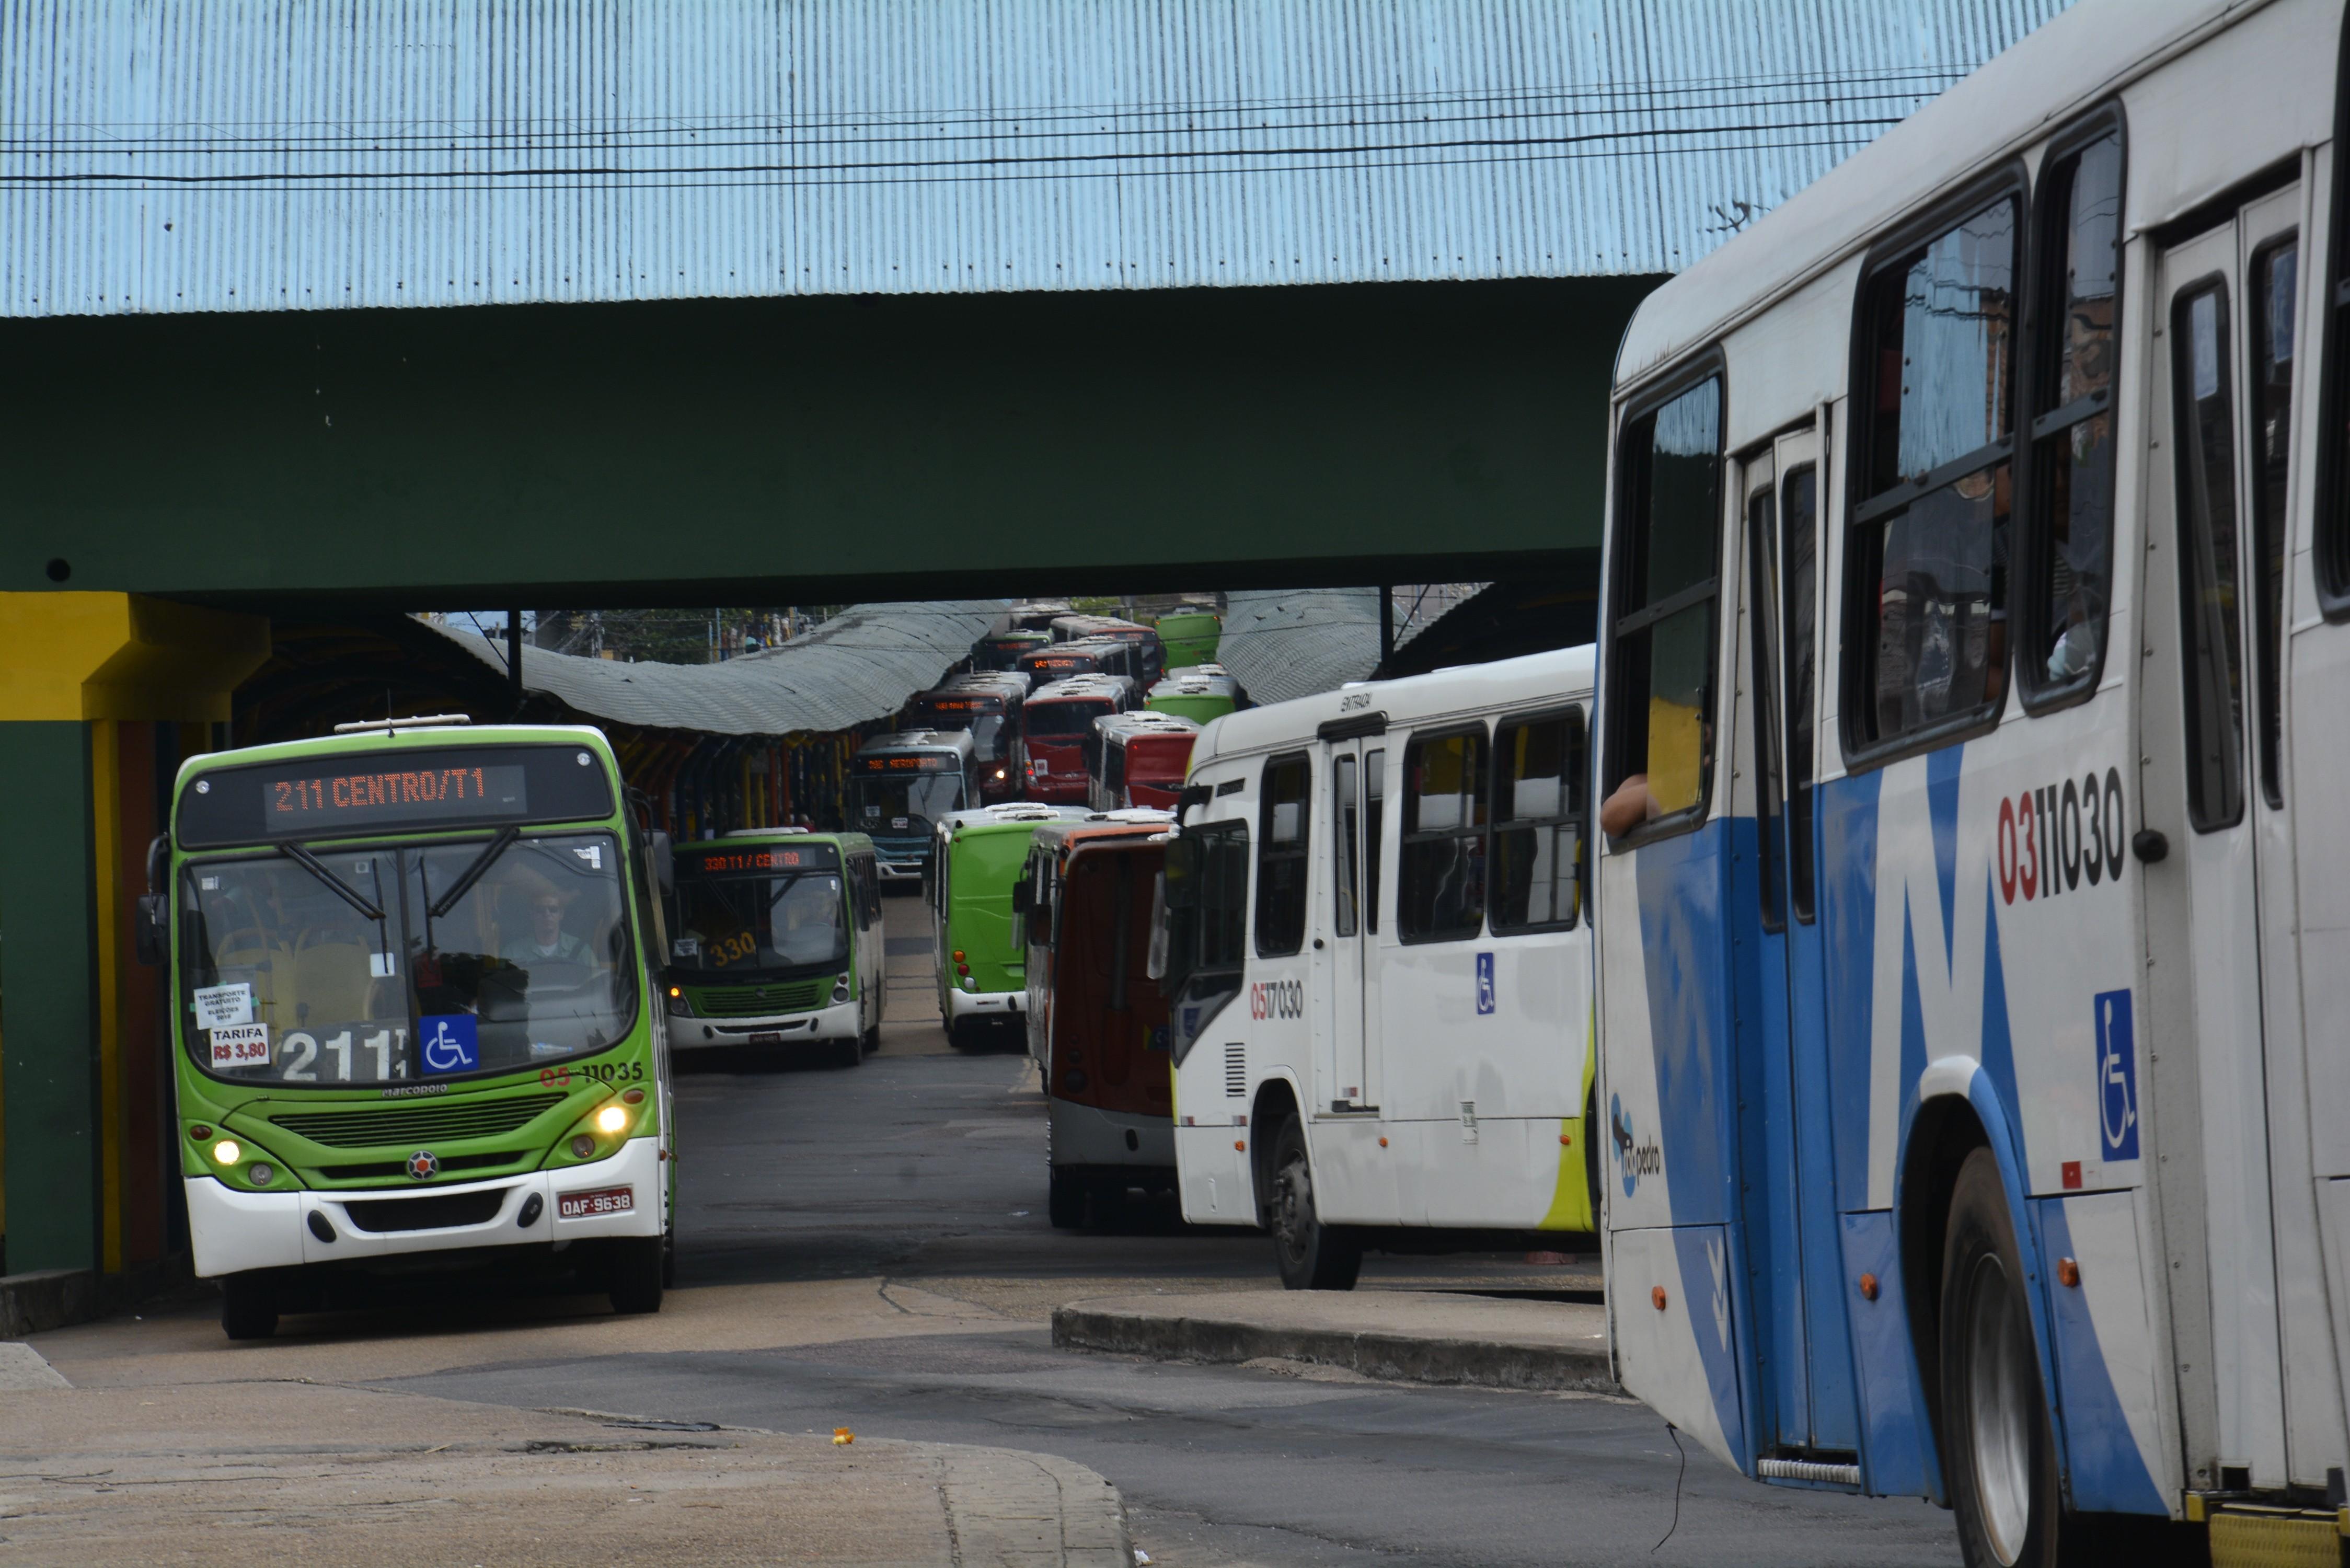 Intervenção no transporte público de Manaus é prorrogada por mais 90 dias - Notícias - Plantão Diário